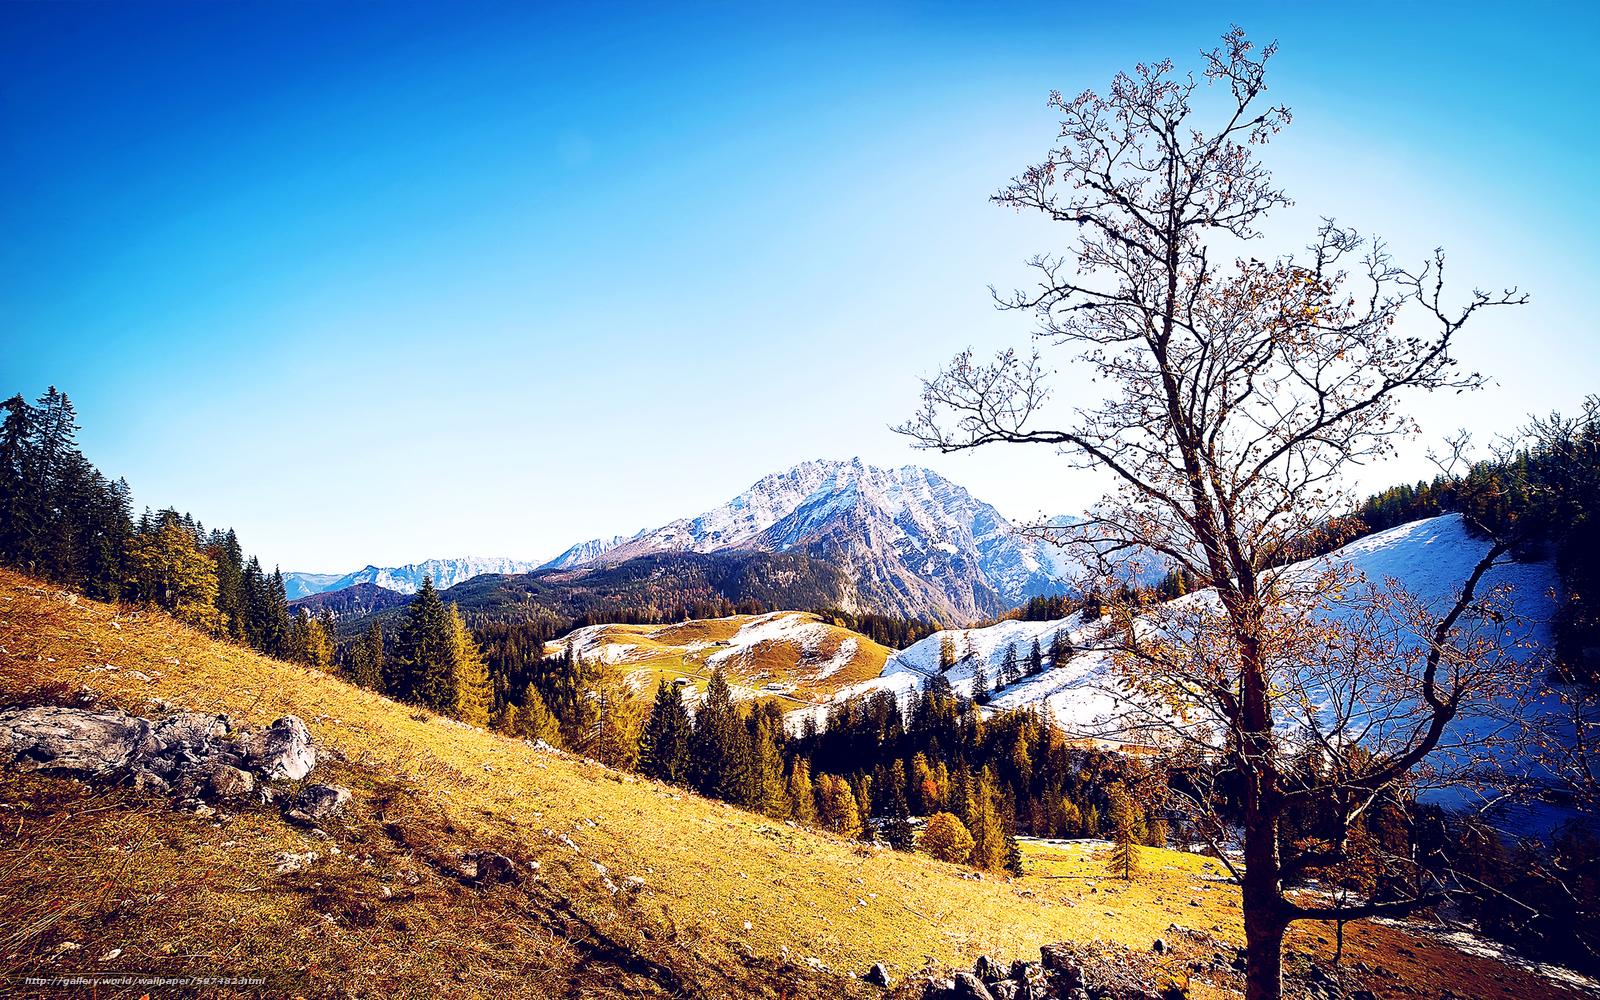 下载壁纸 山,  秋,  树,  景观 免费为您的桌面分辨率的壁纸 2560x1600 — 图片 №597482